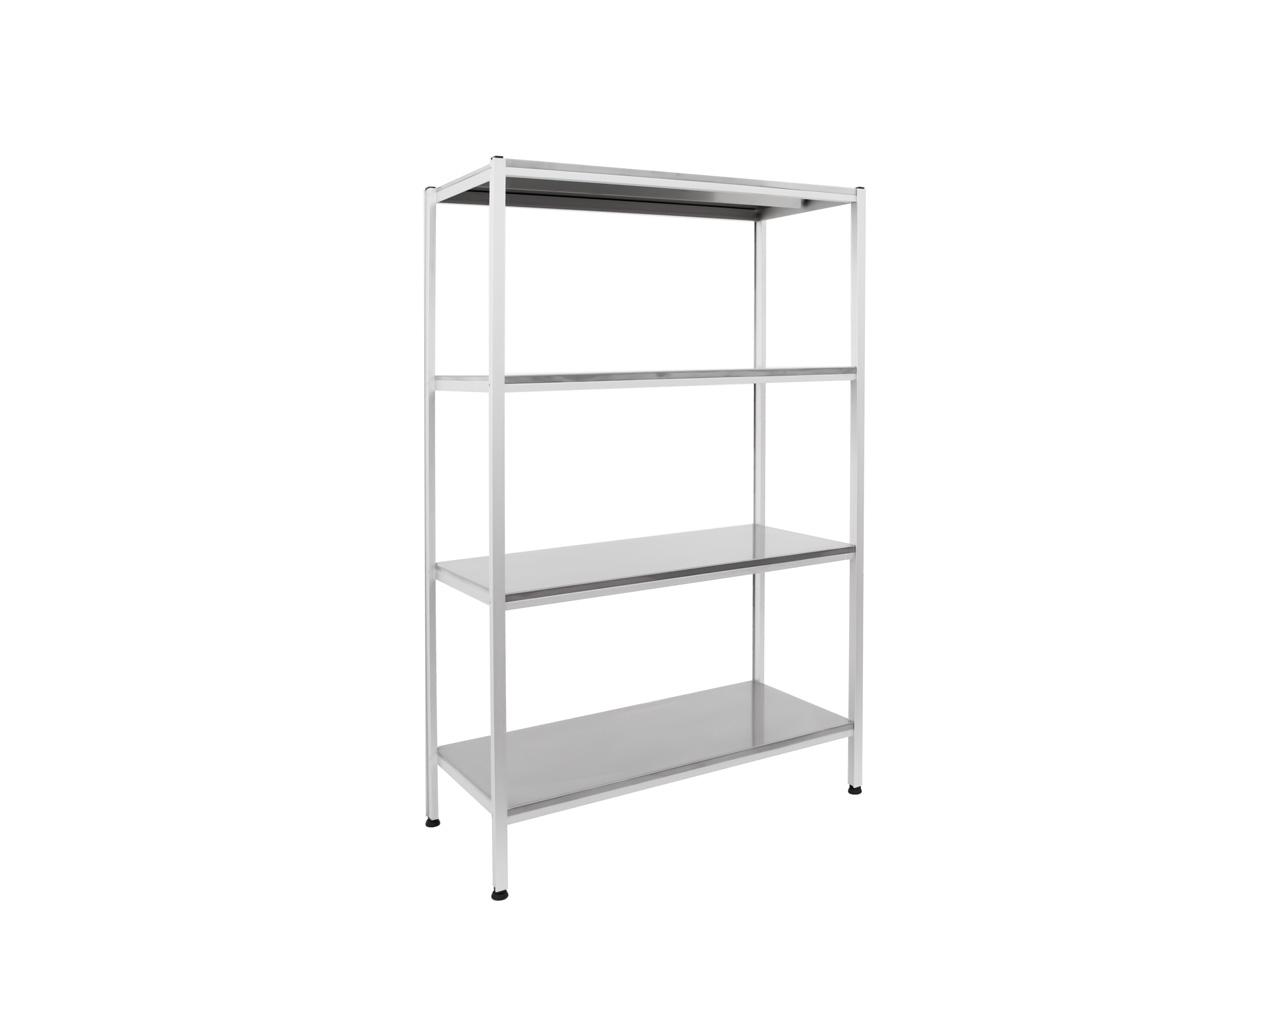 Prodotti emili teglie for Ikea scaffali in metallo